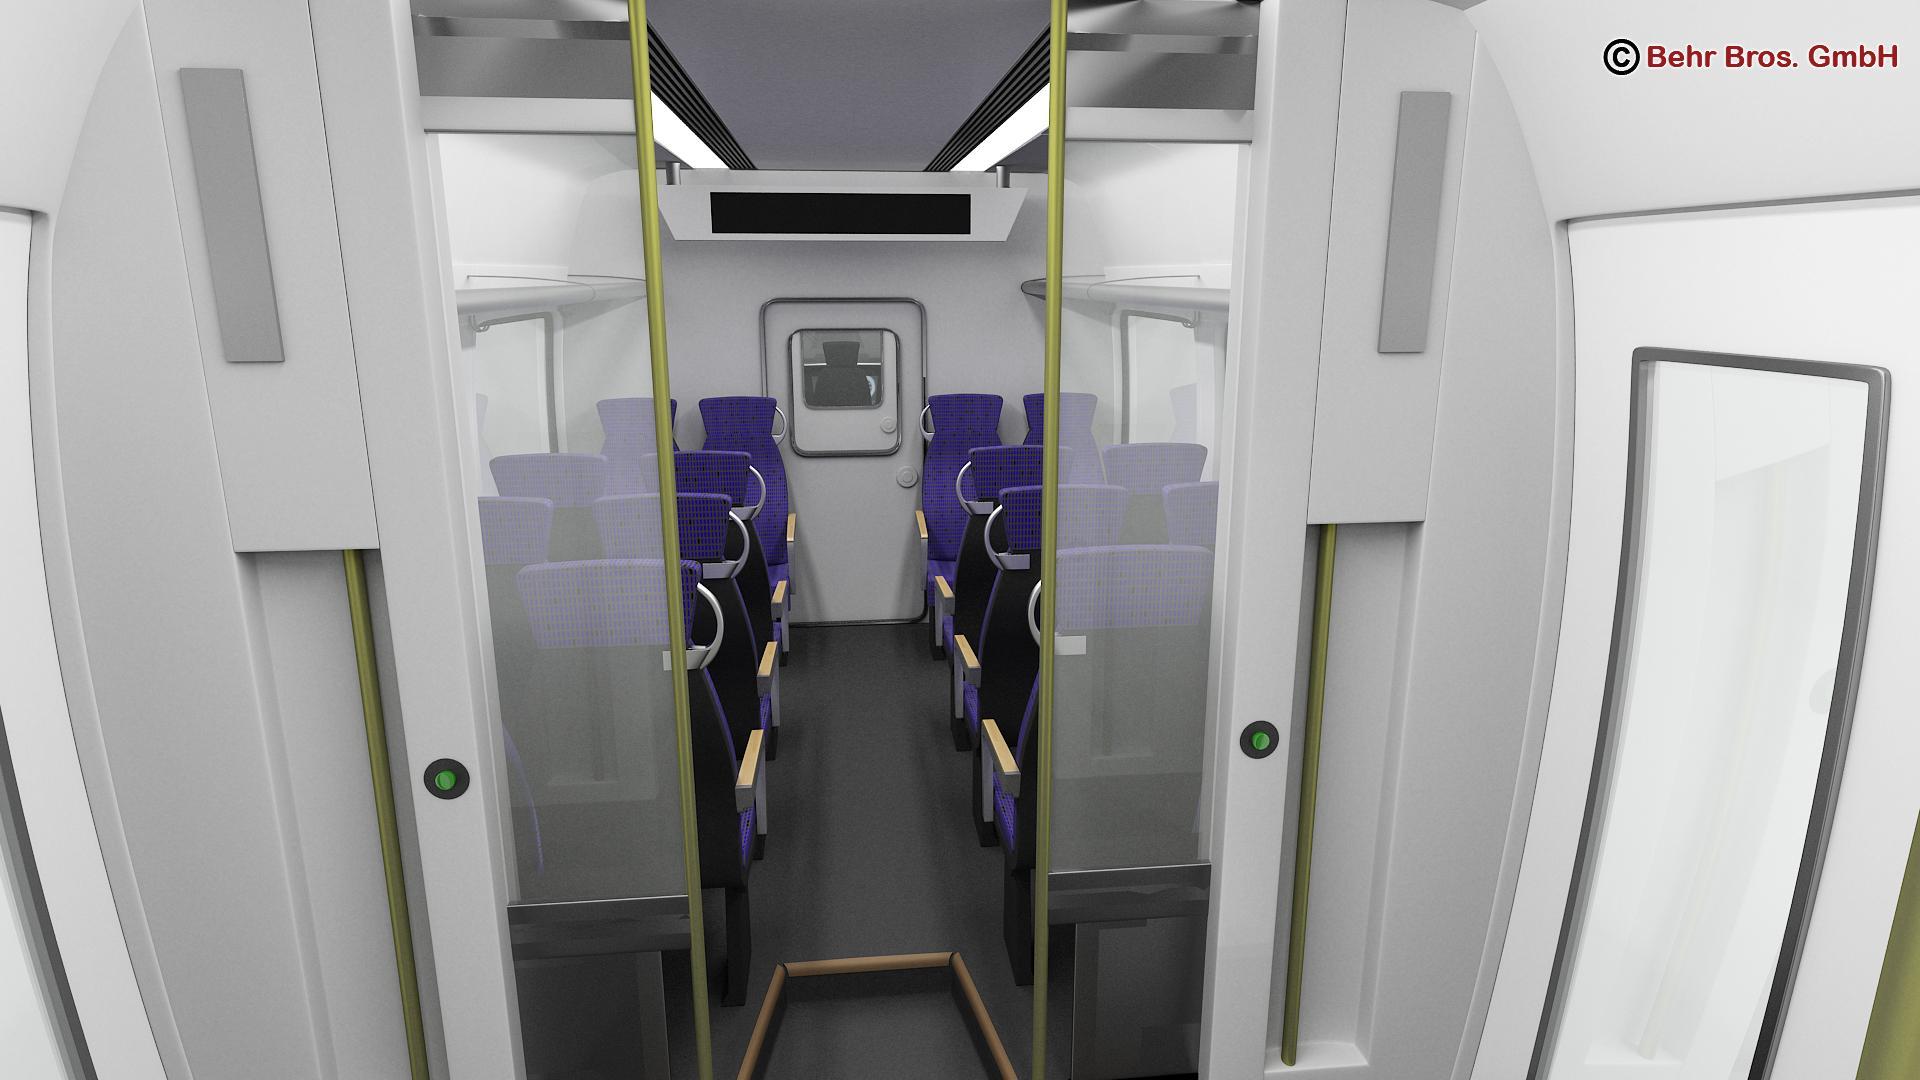 generic commuter train 3d model 3ds max fbx c4d ma mb obj 206644